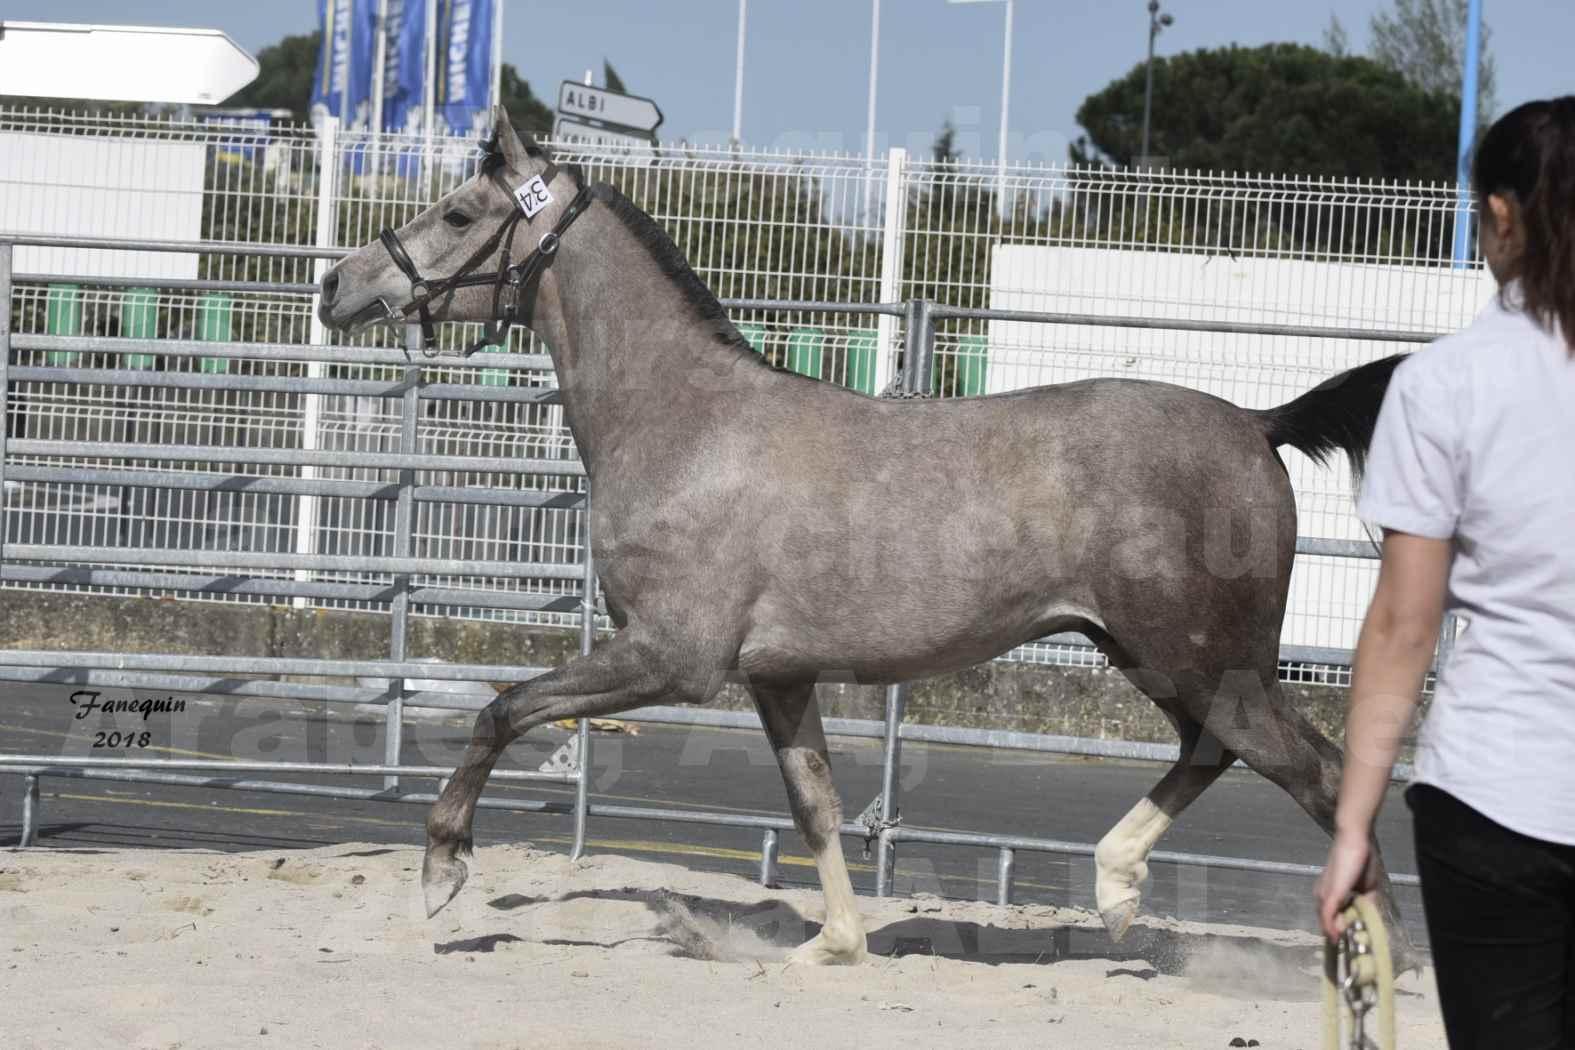 Concours d'élevage de Chevaux Arabes - D. S. A. - A. A. - ALBI les 6 & 7 Avril 2018 - GRIMM DE DARRA - Notre Sélection - 4